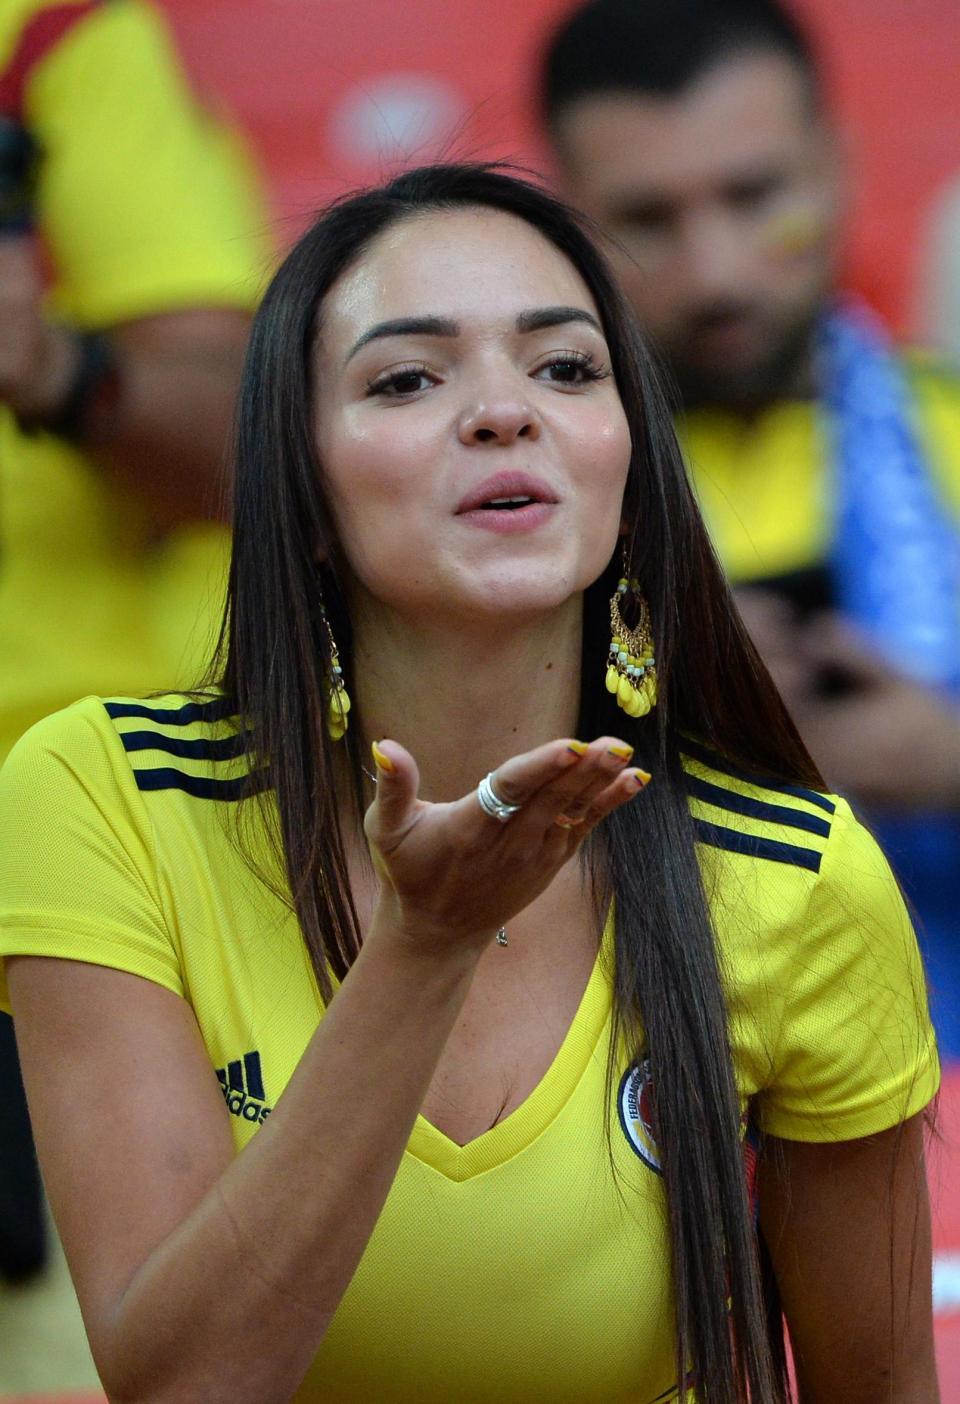 مشجعة كولومبية ترمي بقبلة للكاميرات